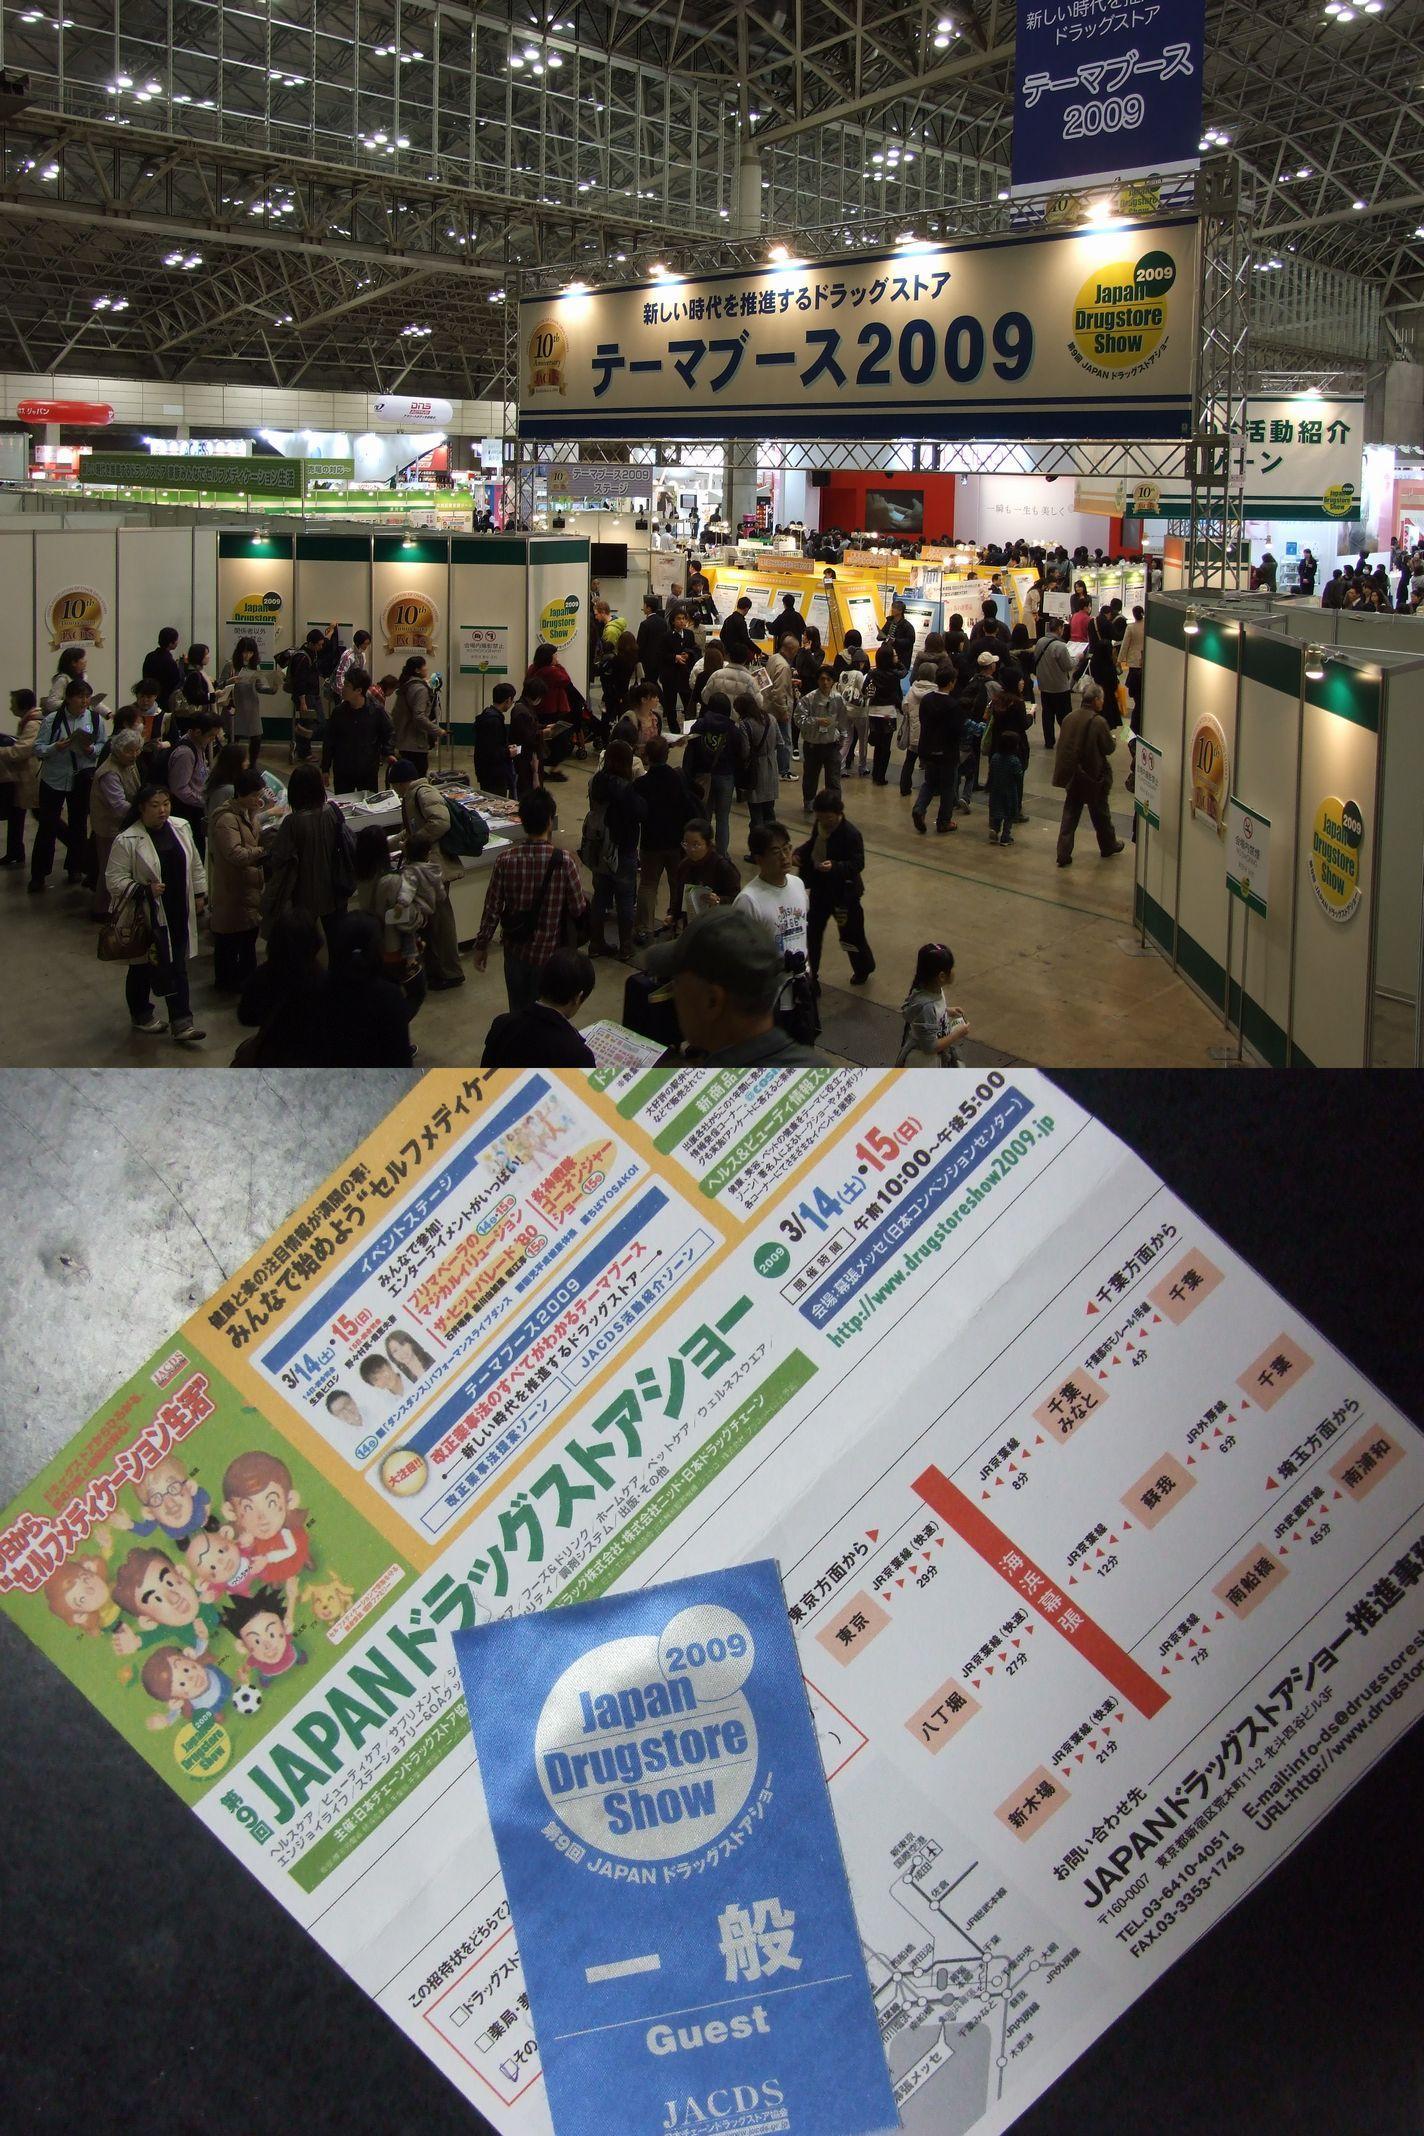 第9回JAPANドラッグストアショー